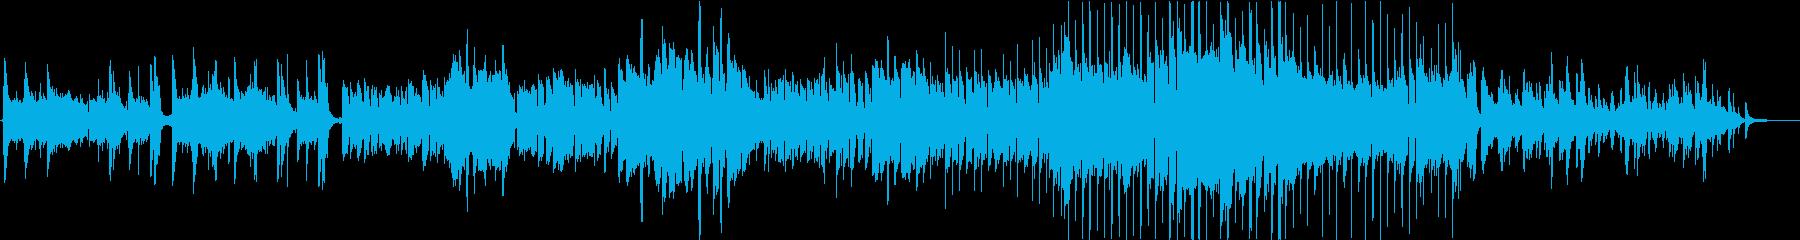 エスニック。伝統的な民ball。歌...の再生済みの波形